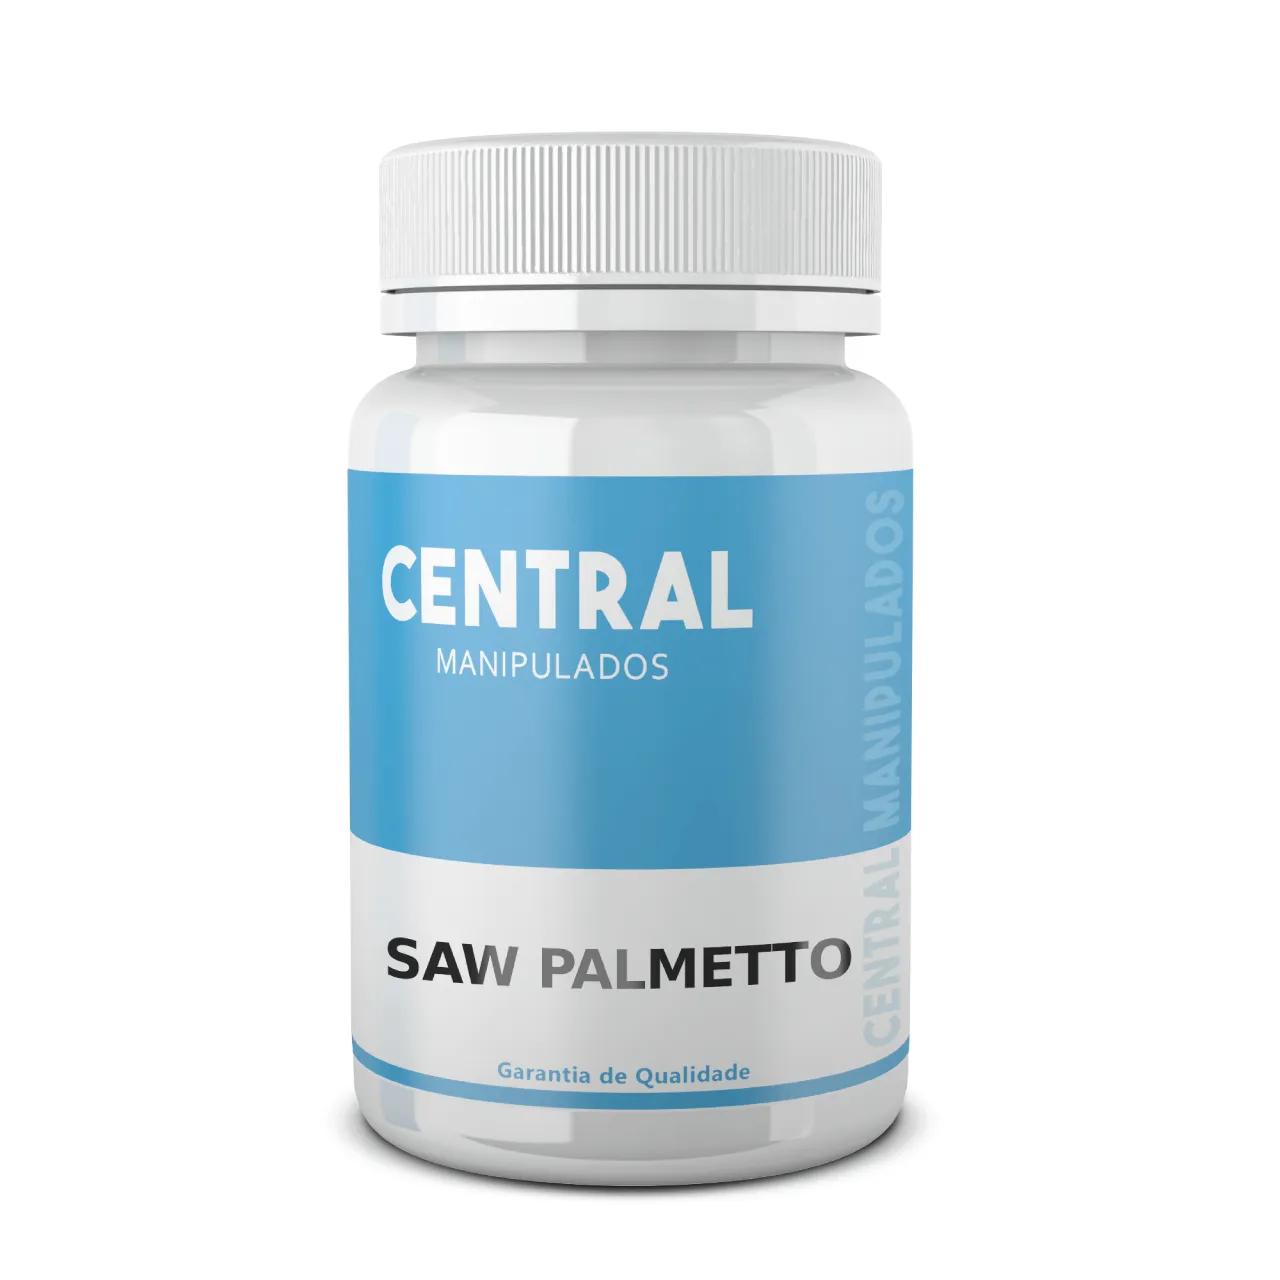 Saw Palmetto 160mg - 30 Cápsulas - Prevenção de doenças da Próstata, Hiperplasia Benigna de Próstata (HPB), Desordem dos sistemas urinário e genital